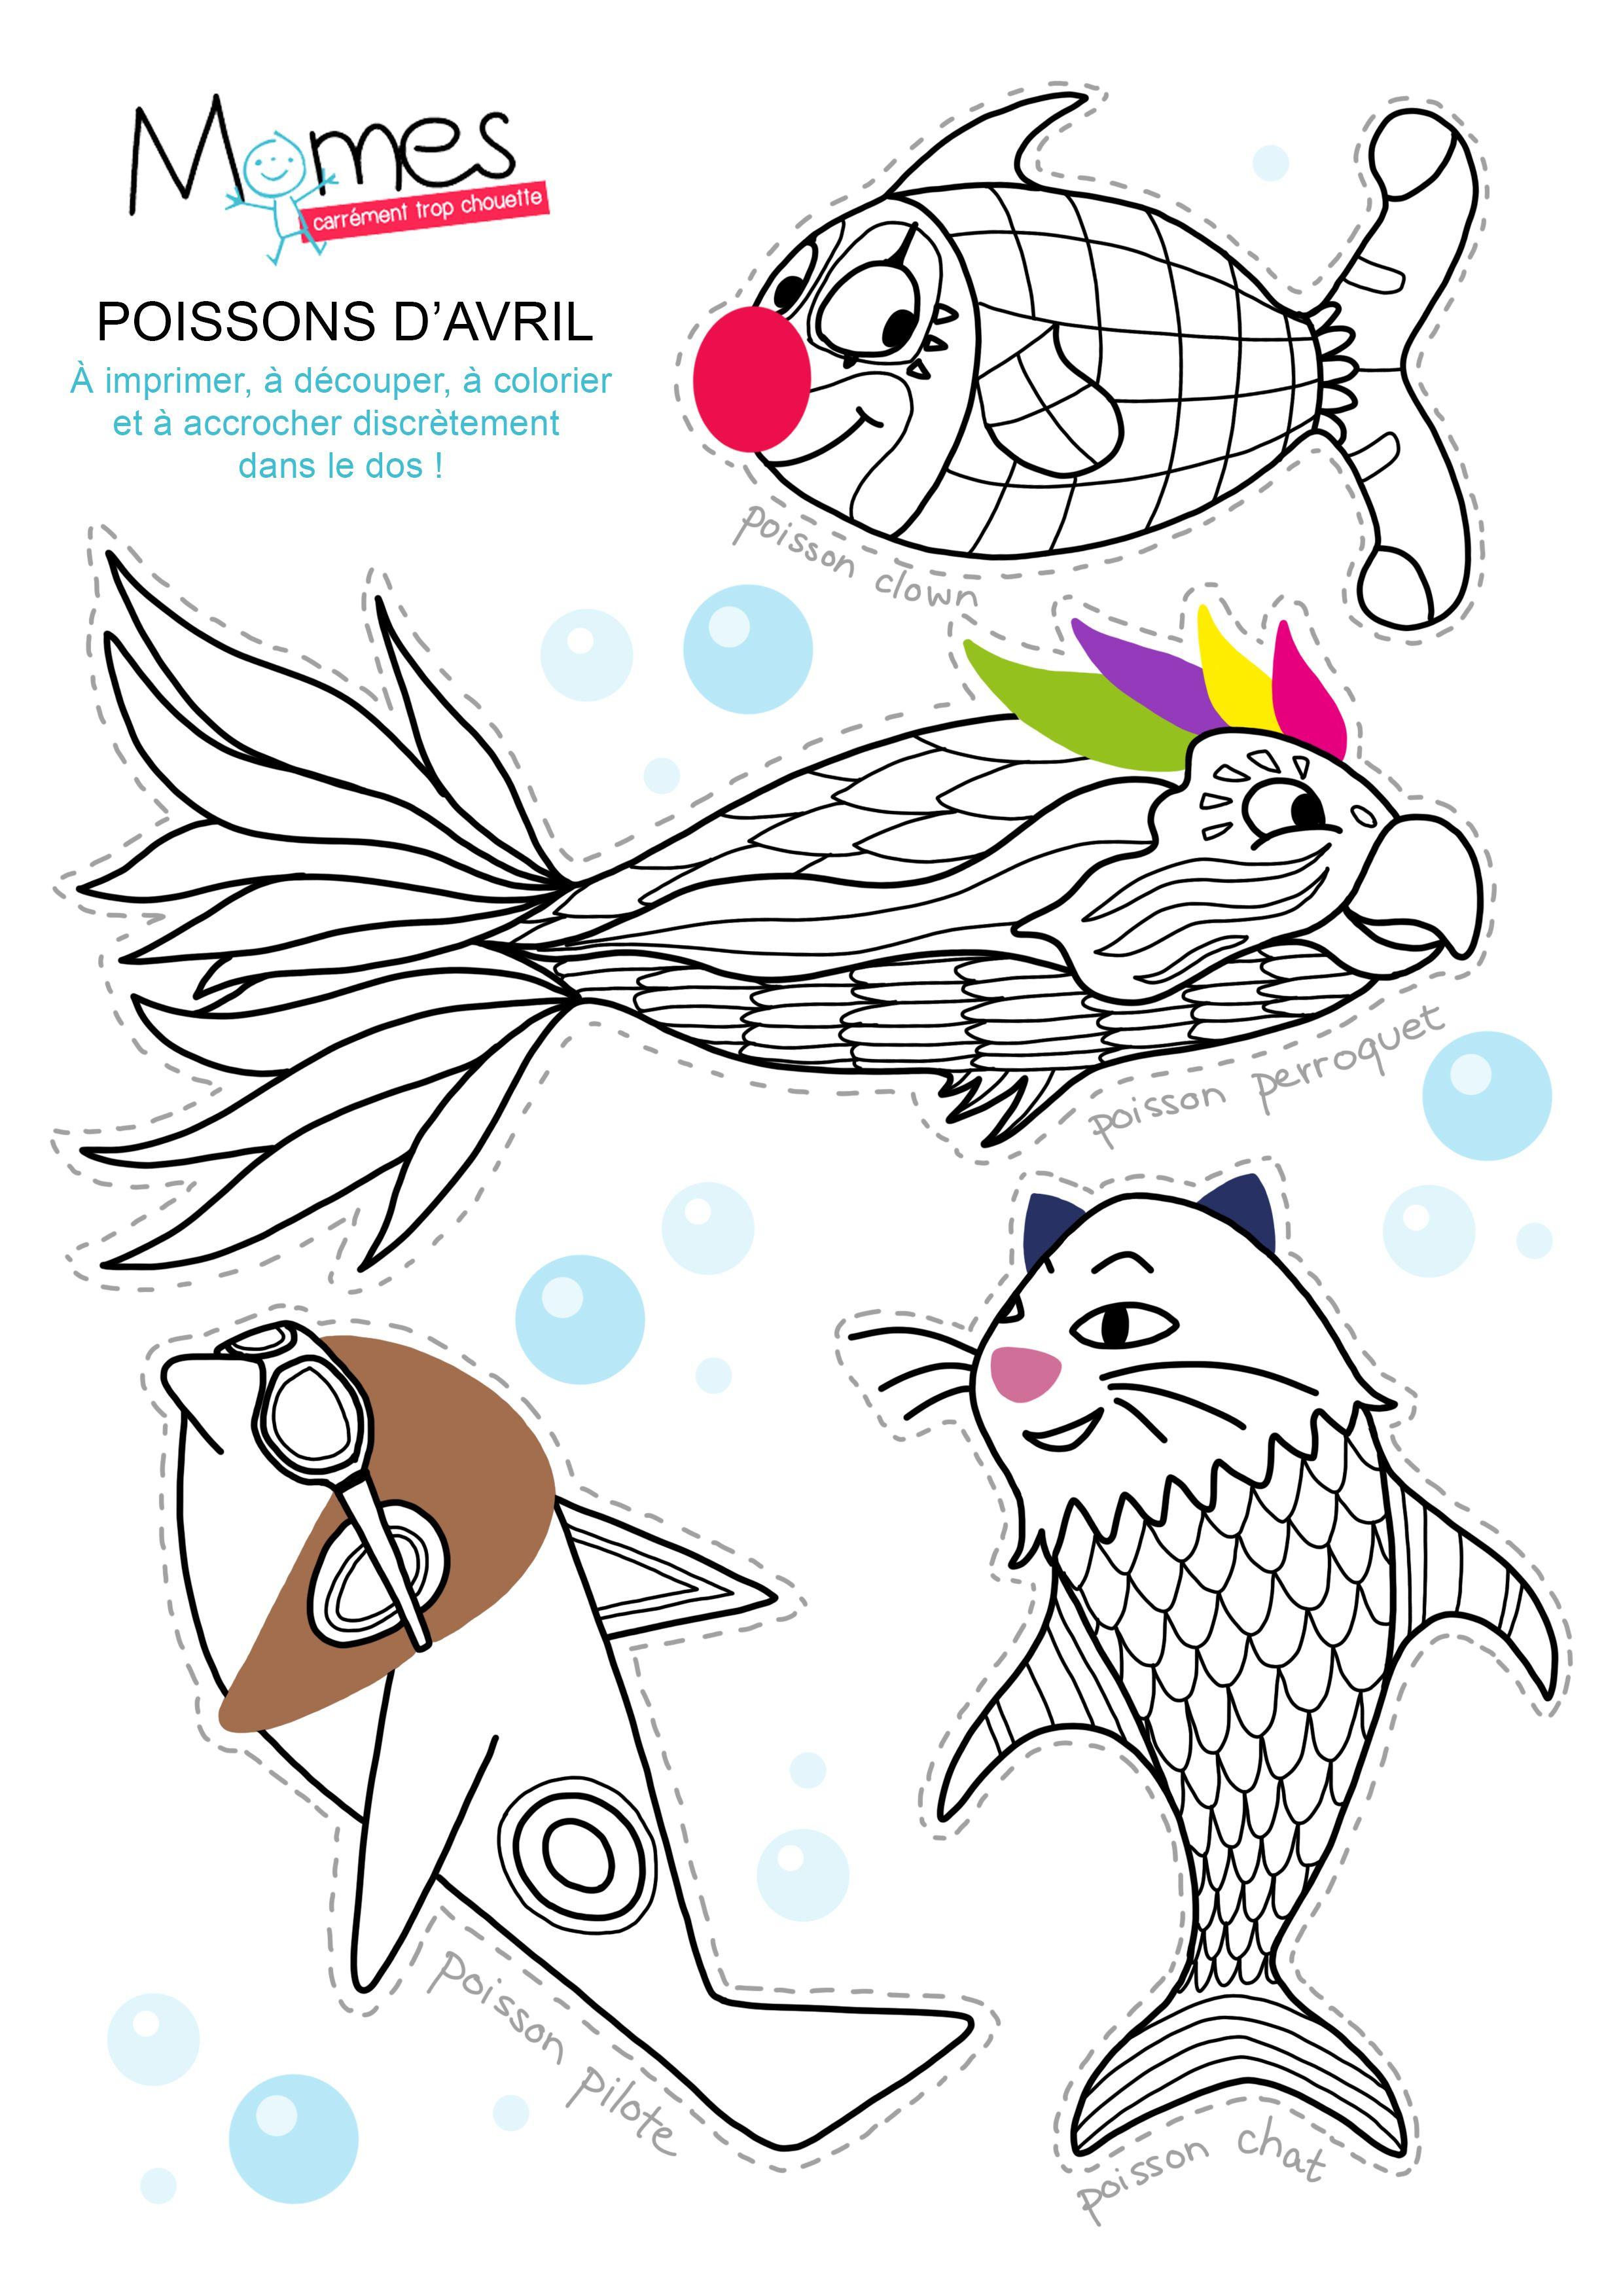 De Drôles De Poissons D Avril à Colorier Fish Poisson